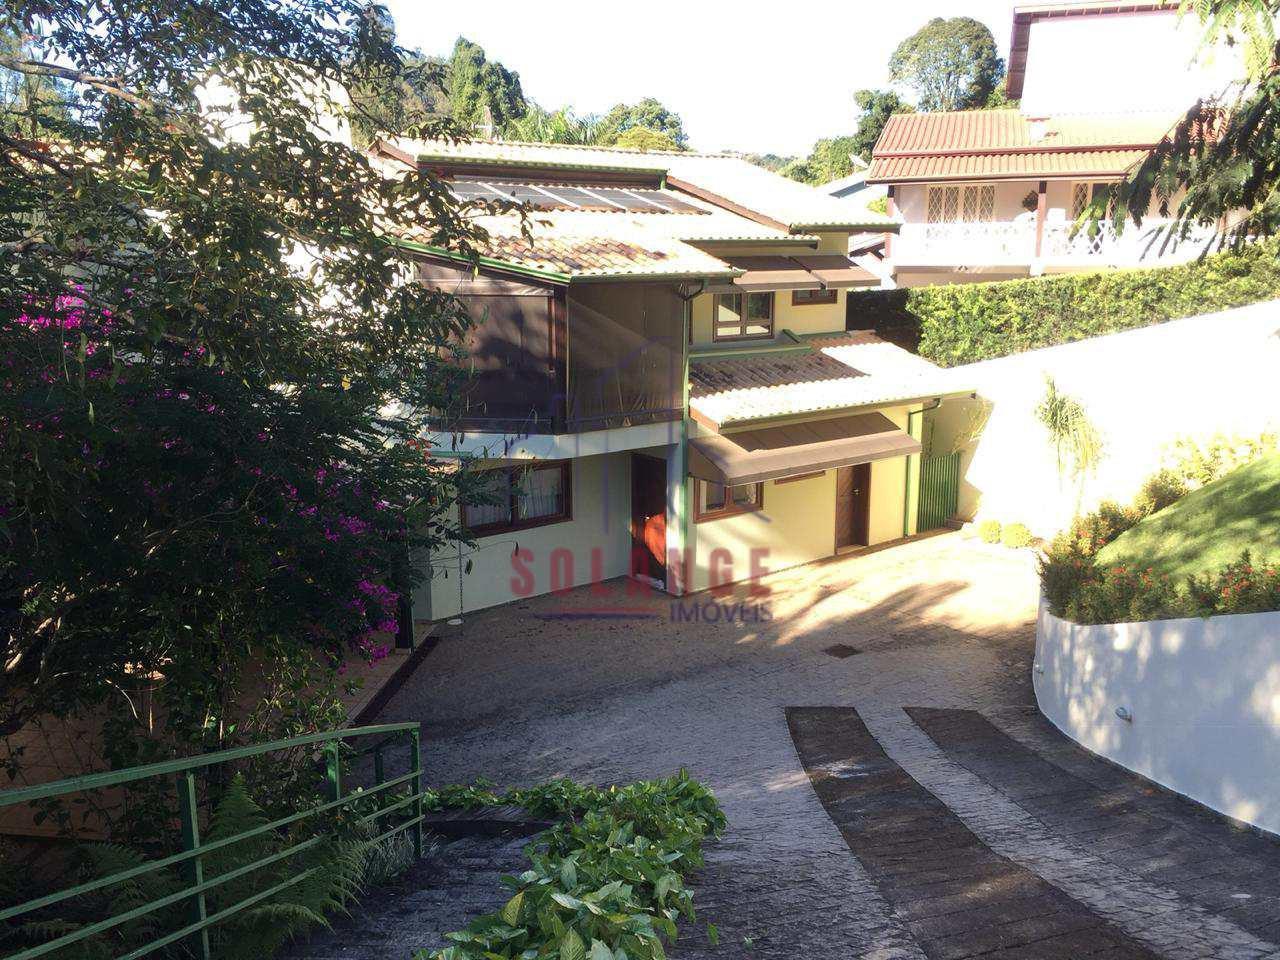 Casa de Condomínio com 4 dorms, Orypaba, Monte Alegre do Sul - R$ 1.35 mi, Cod: 1643